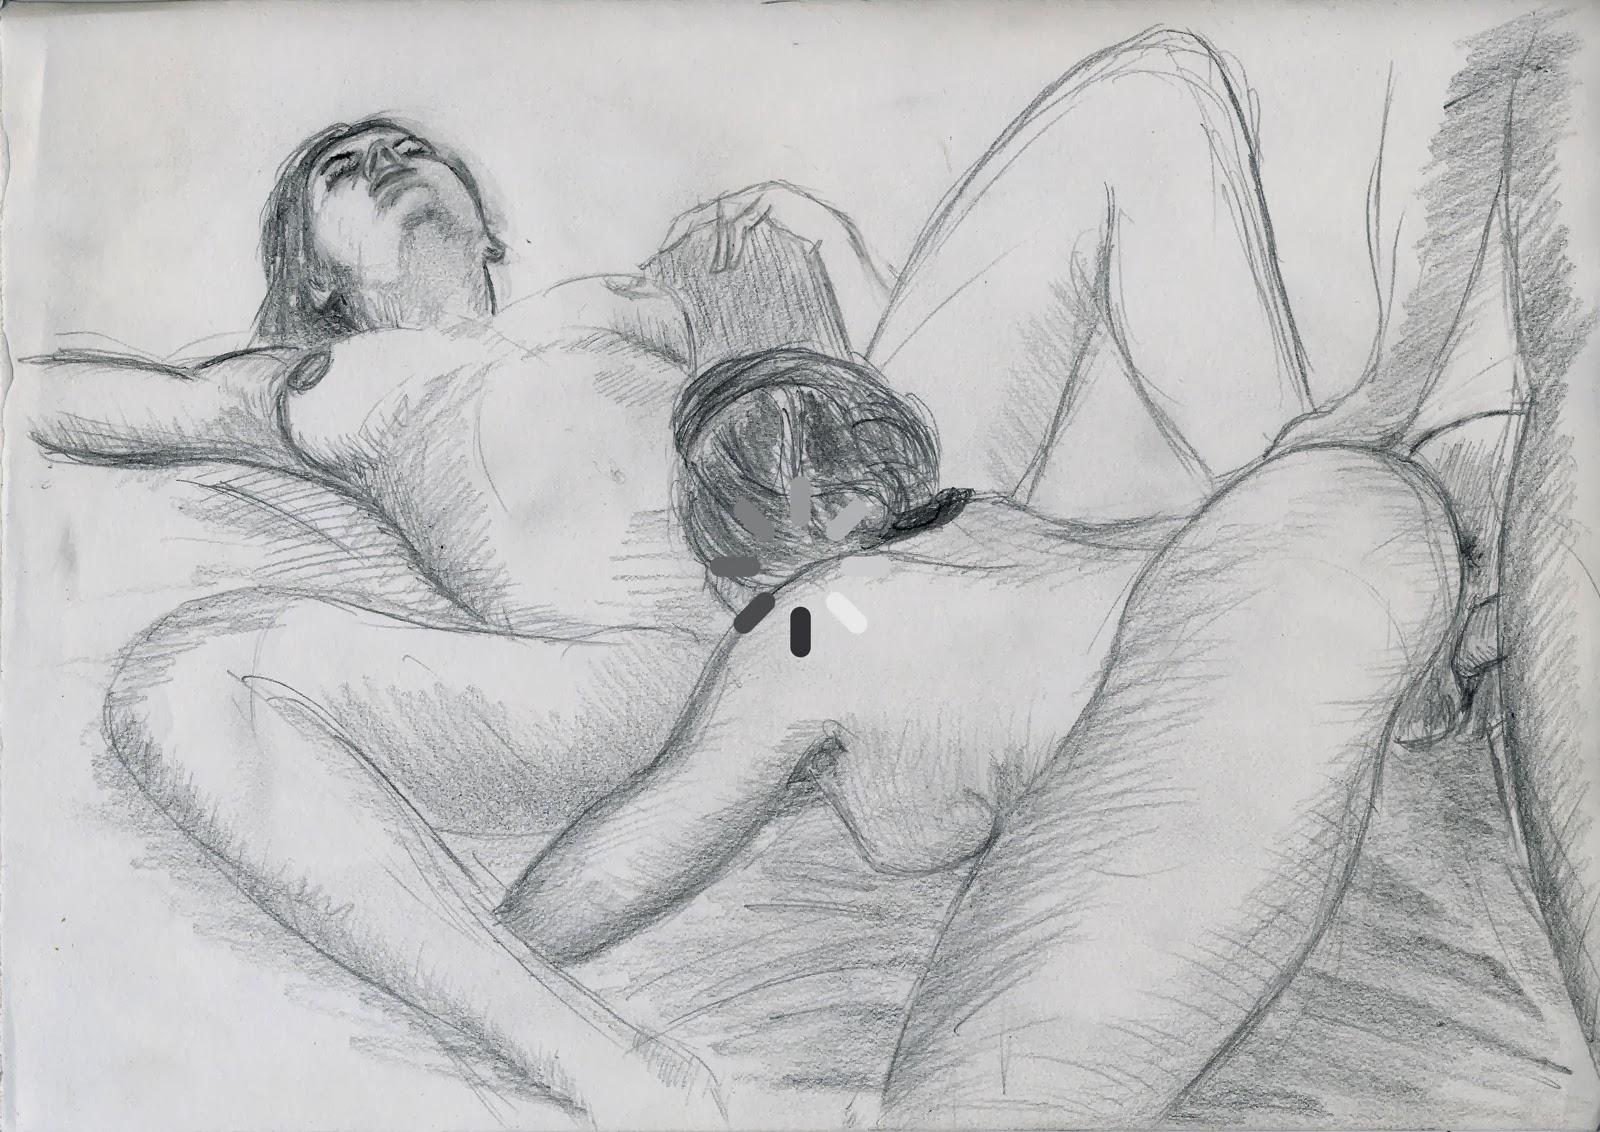 dessin érotique pornographique threesome triolisme